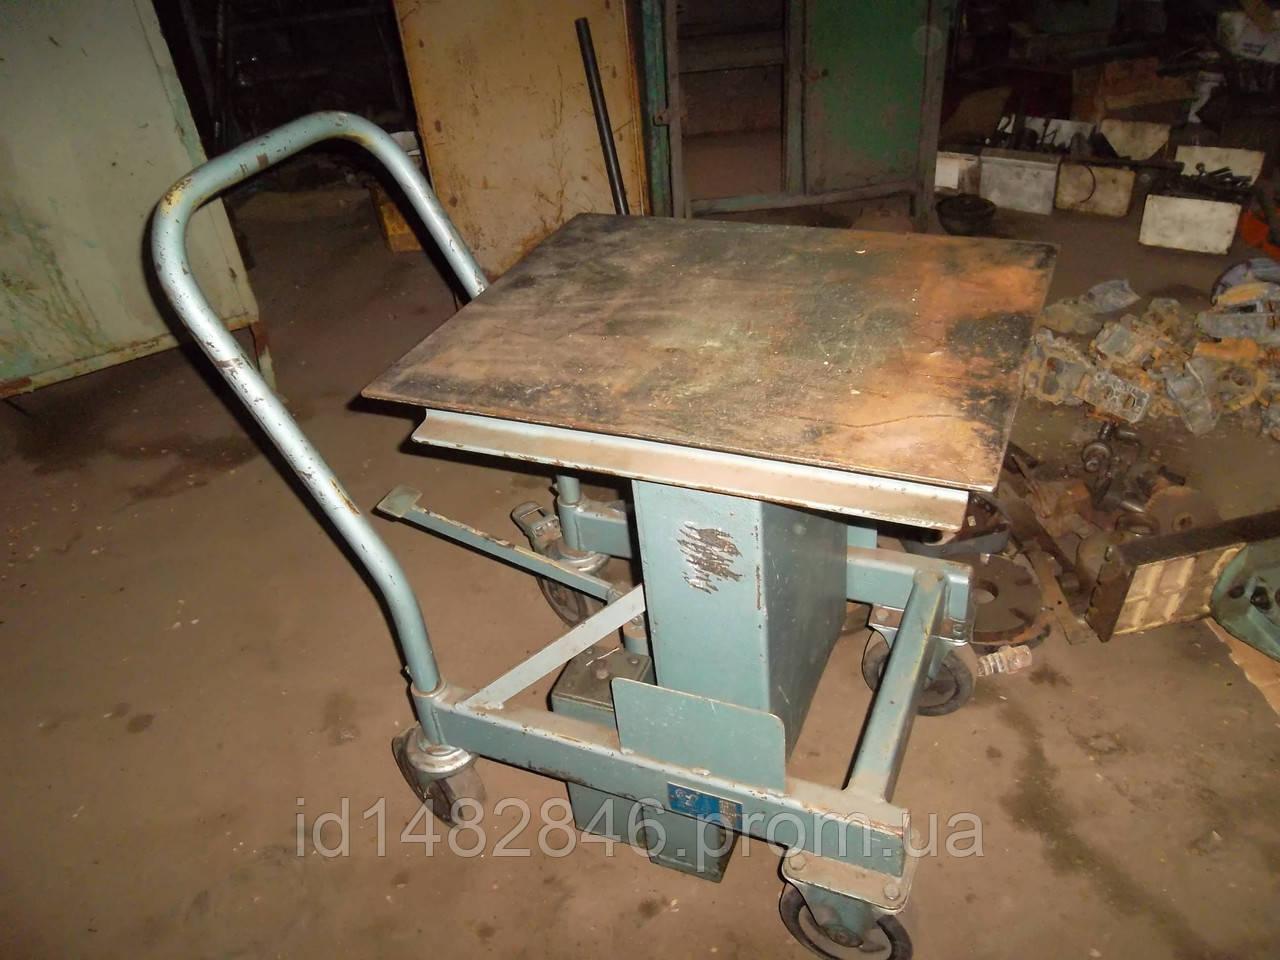 Стол подъемный гидравлический